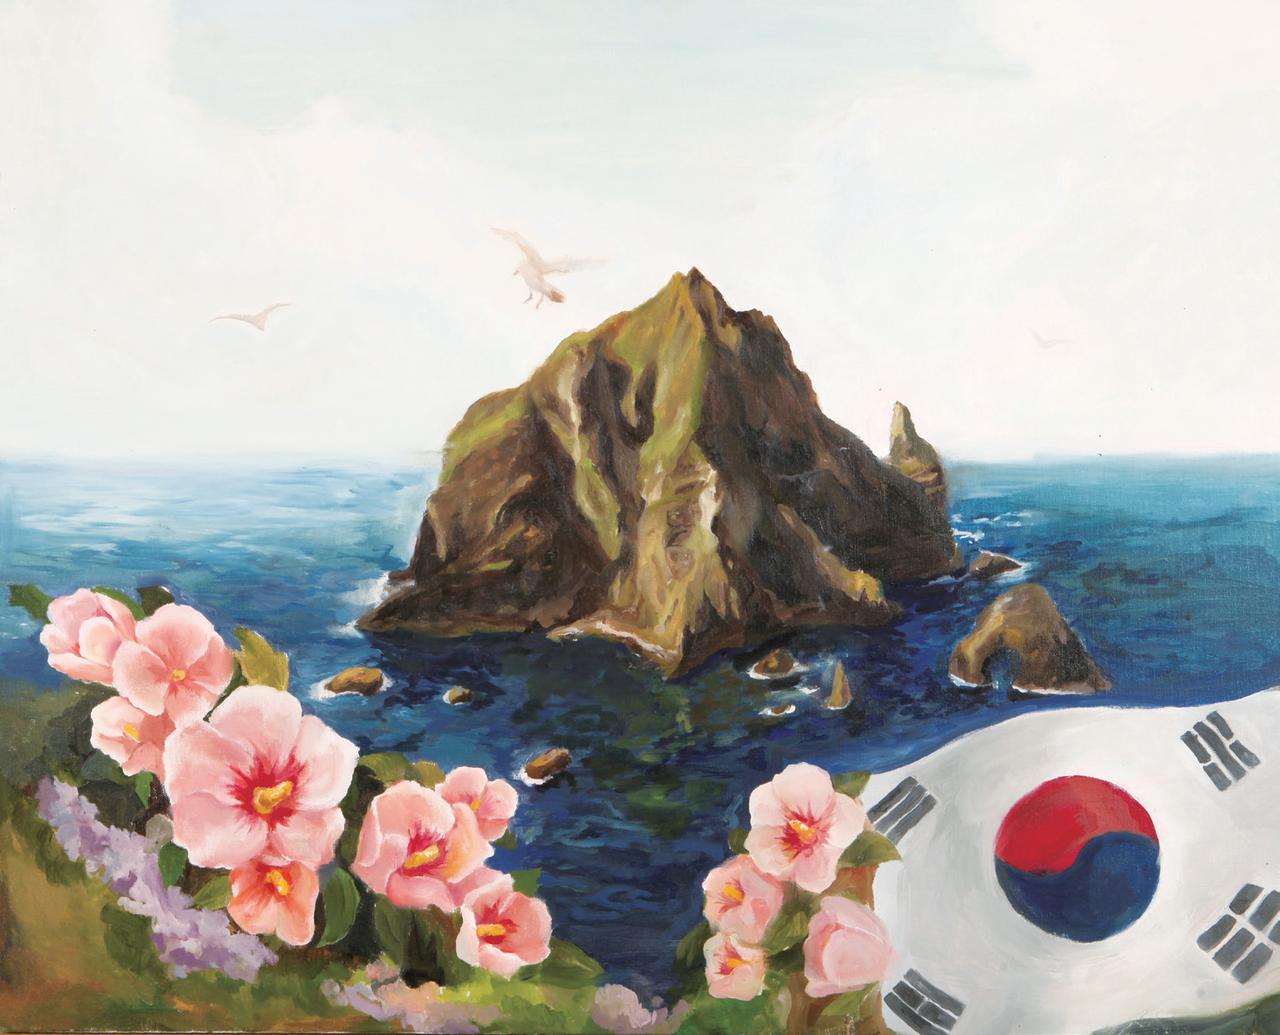 조인영 (서양화)-무궁화 태극기 그리고 동해바다 독도